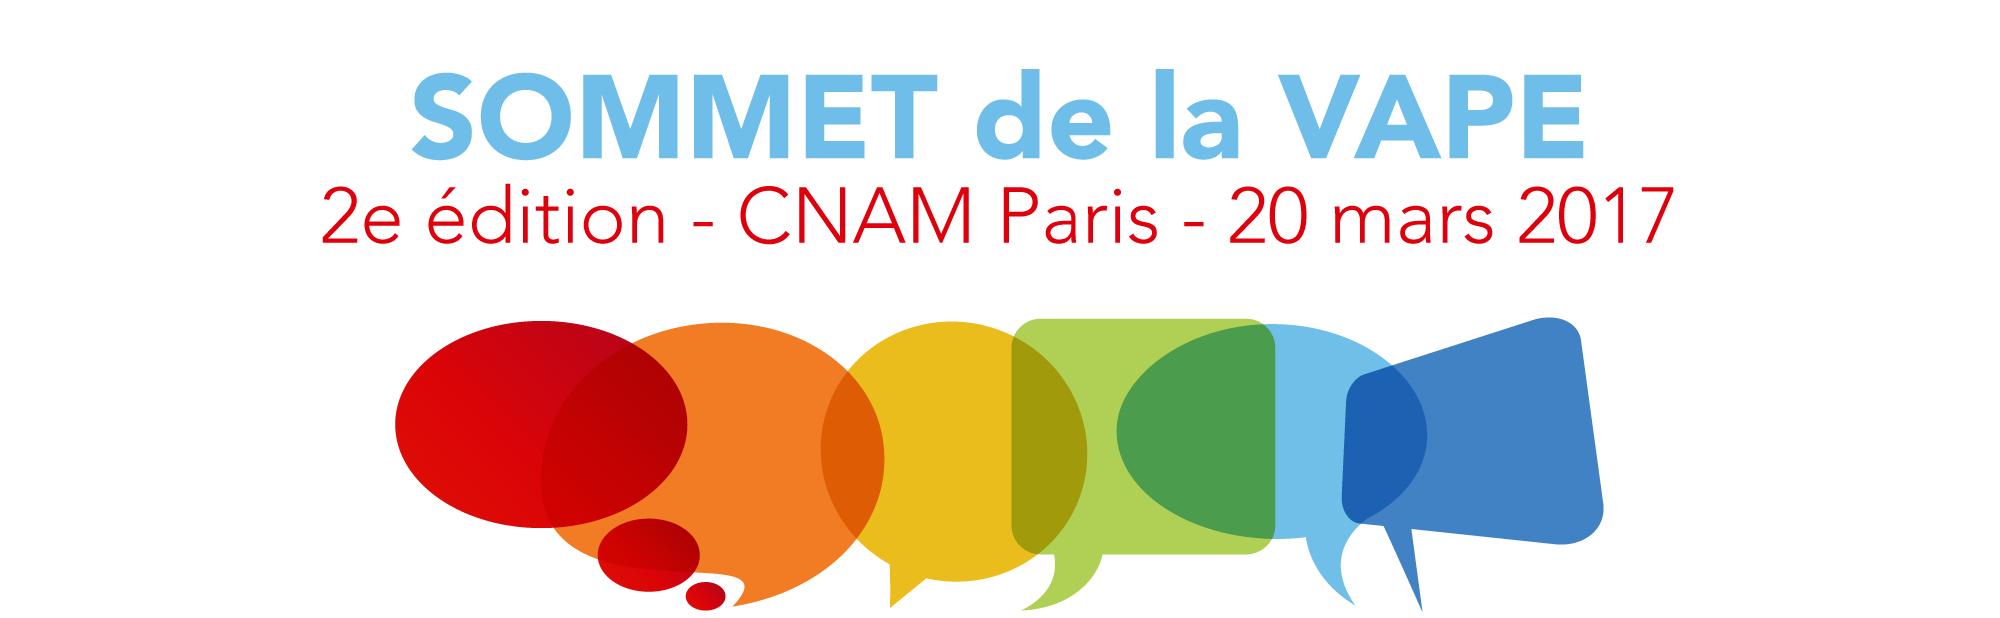 2 sommet de la vape le 20 mars 2017 au CNAM Paris